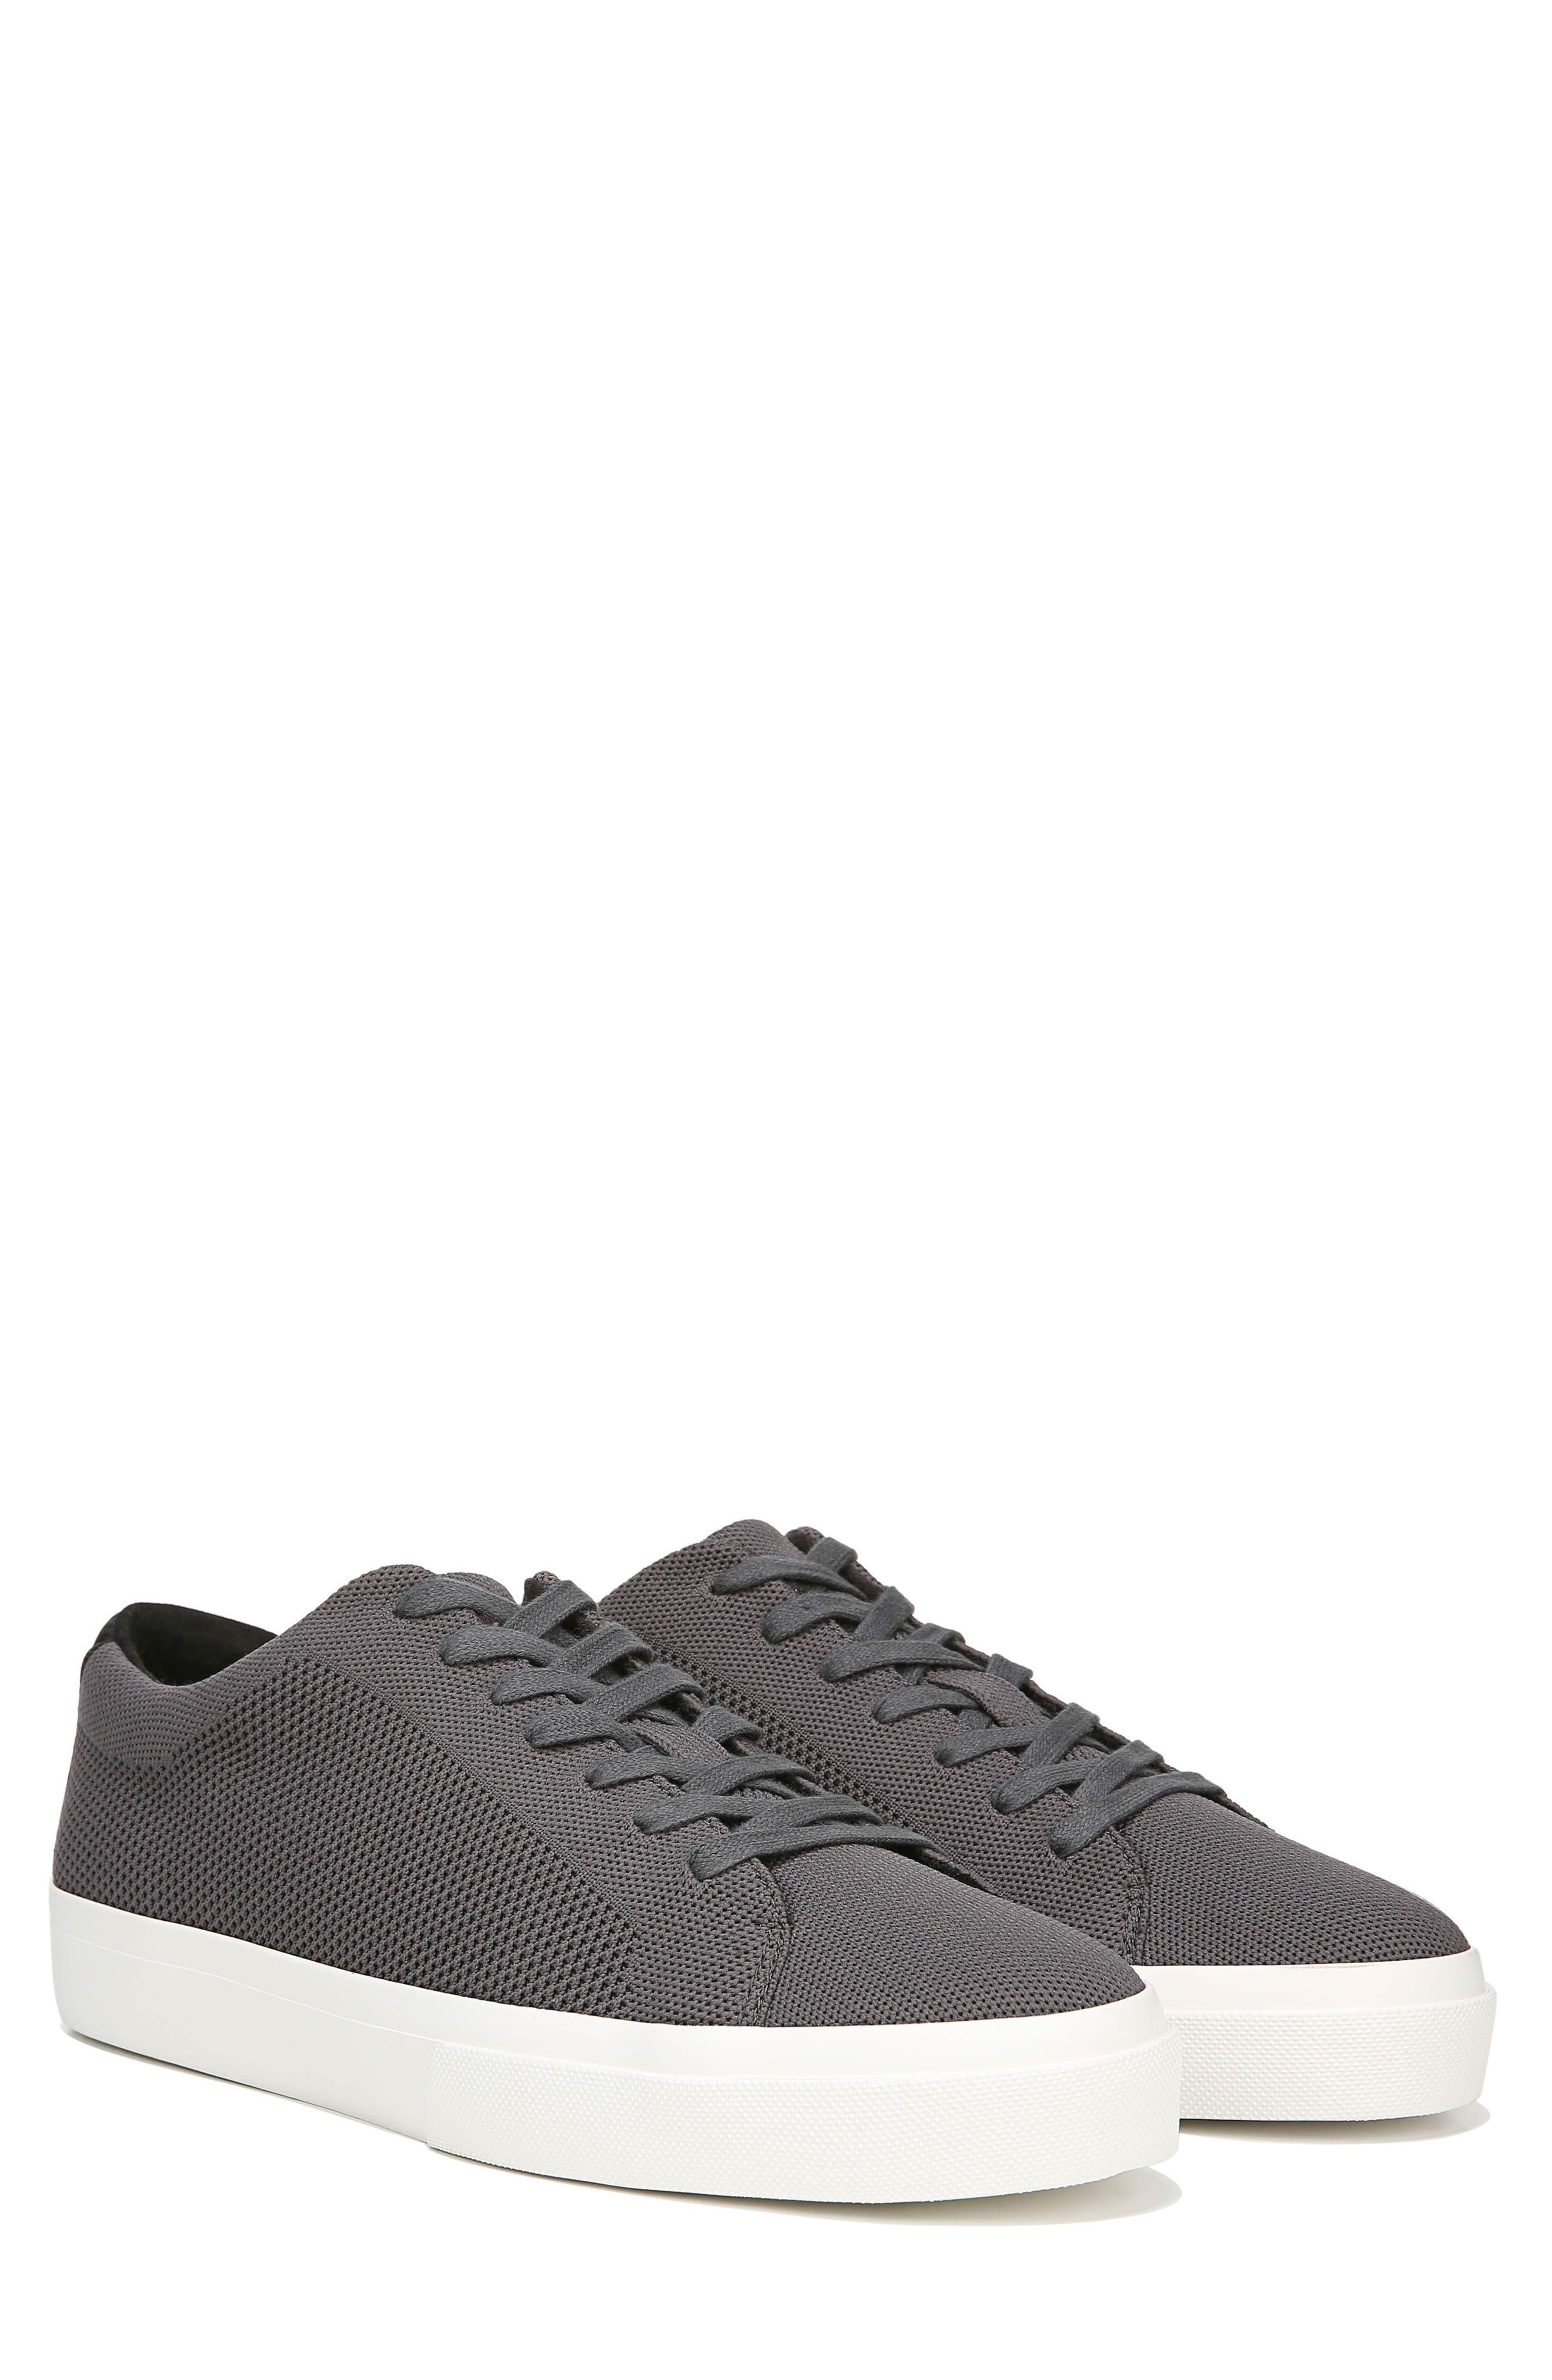 VINCE, Farrell Sneaker, Alternate thumbnail 8, color, GRAPHITE/ BLACK